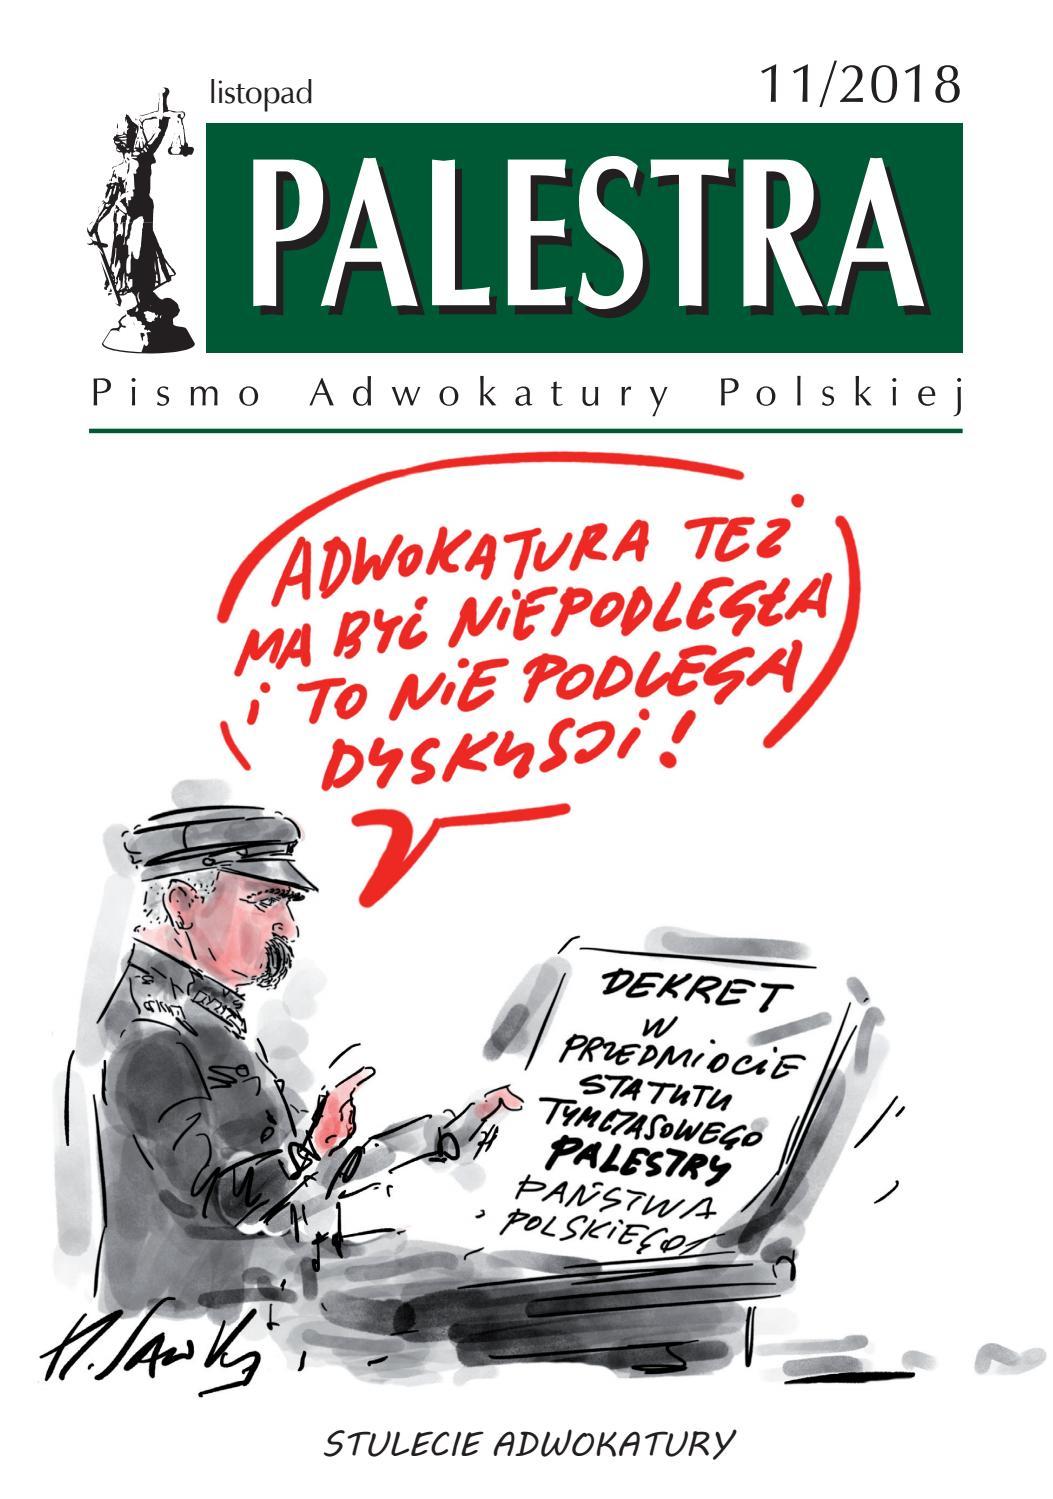 Palestra 11/2018 by Pismo Adwokatury Polskiej - issuu